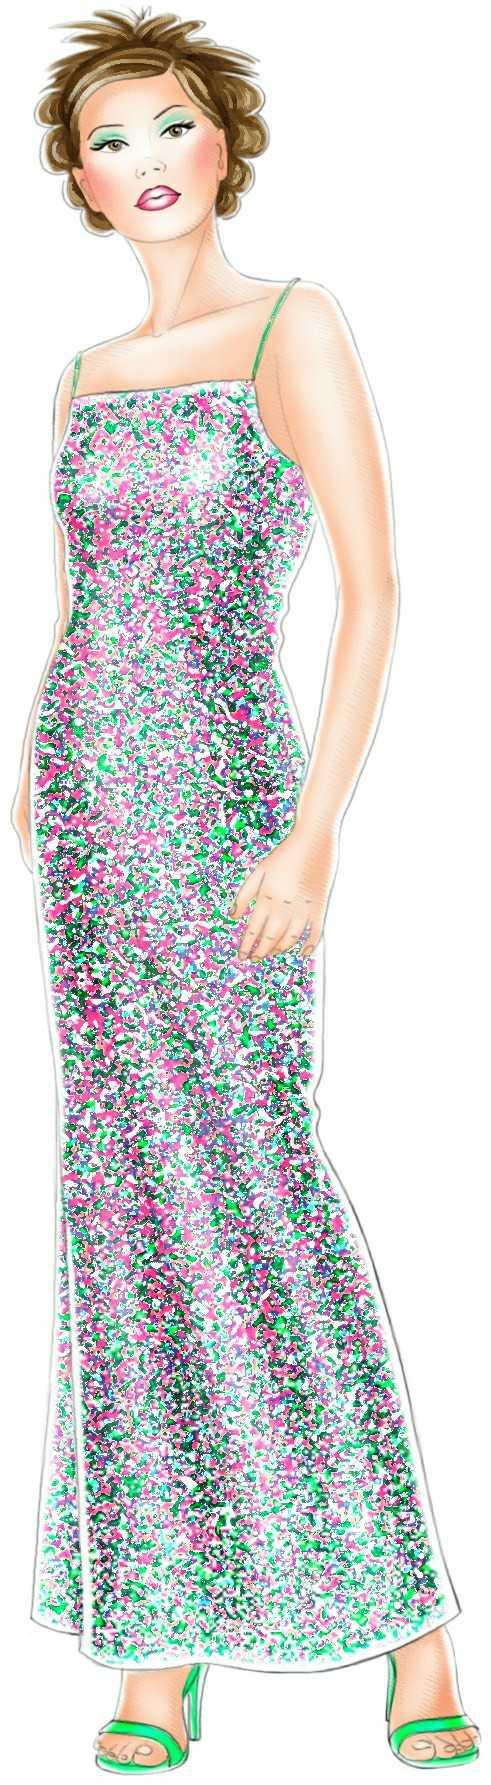 Выкройка платье с пайетками